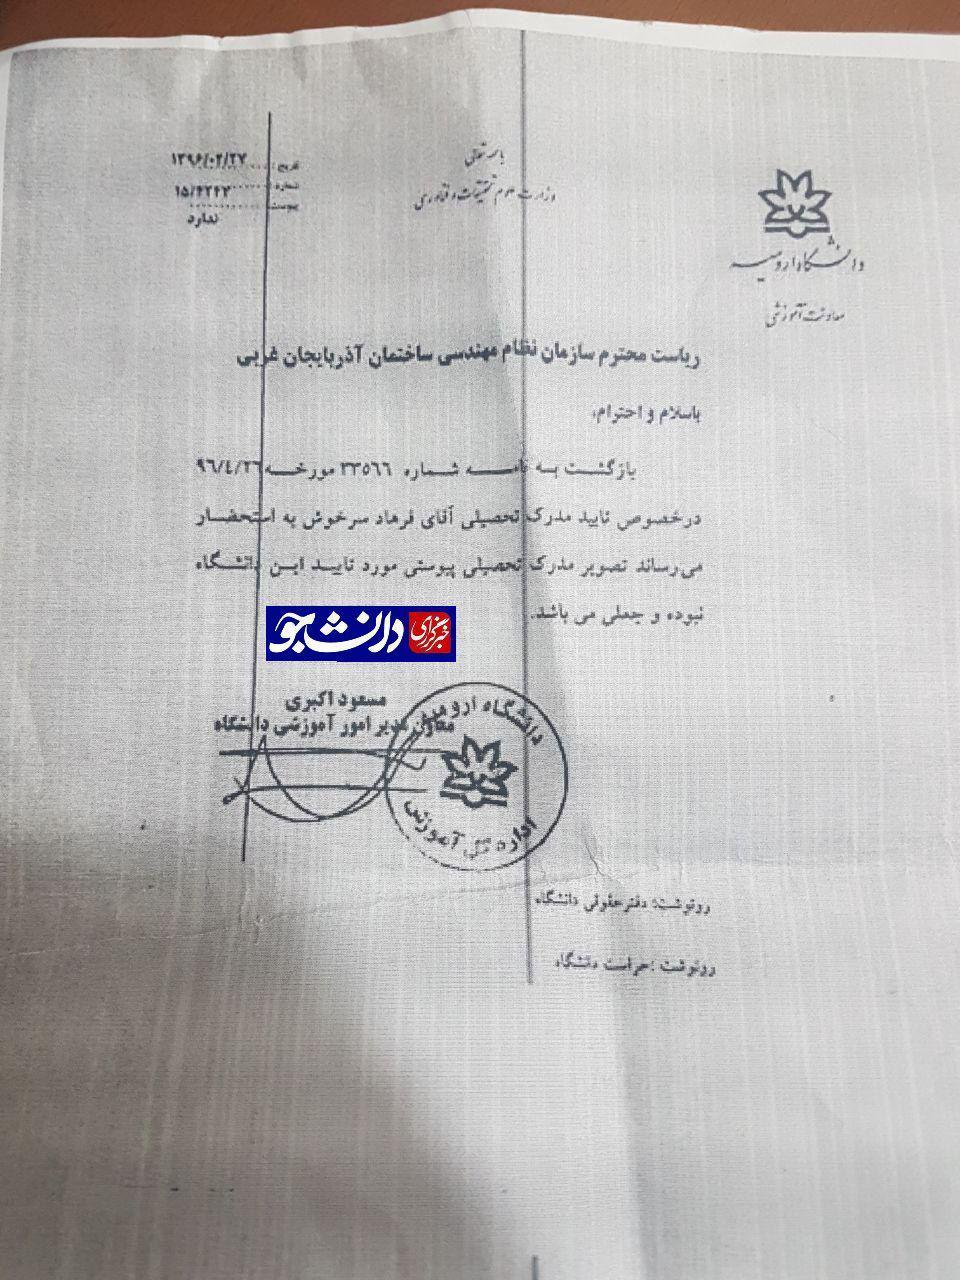 دانشگاه ارومیه جعلی بودن مدرک فرهاد سرخوش را تایید کرد/یک ساعت هم در دانشگاه ارومیه درس نخوانده ام